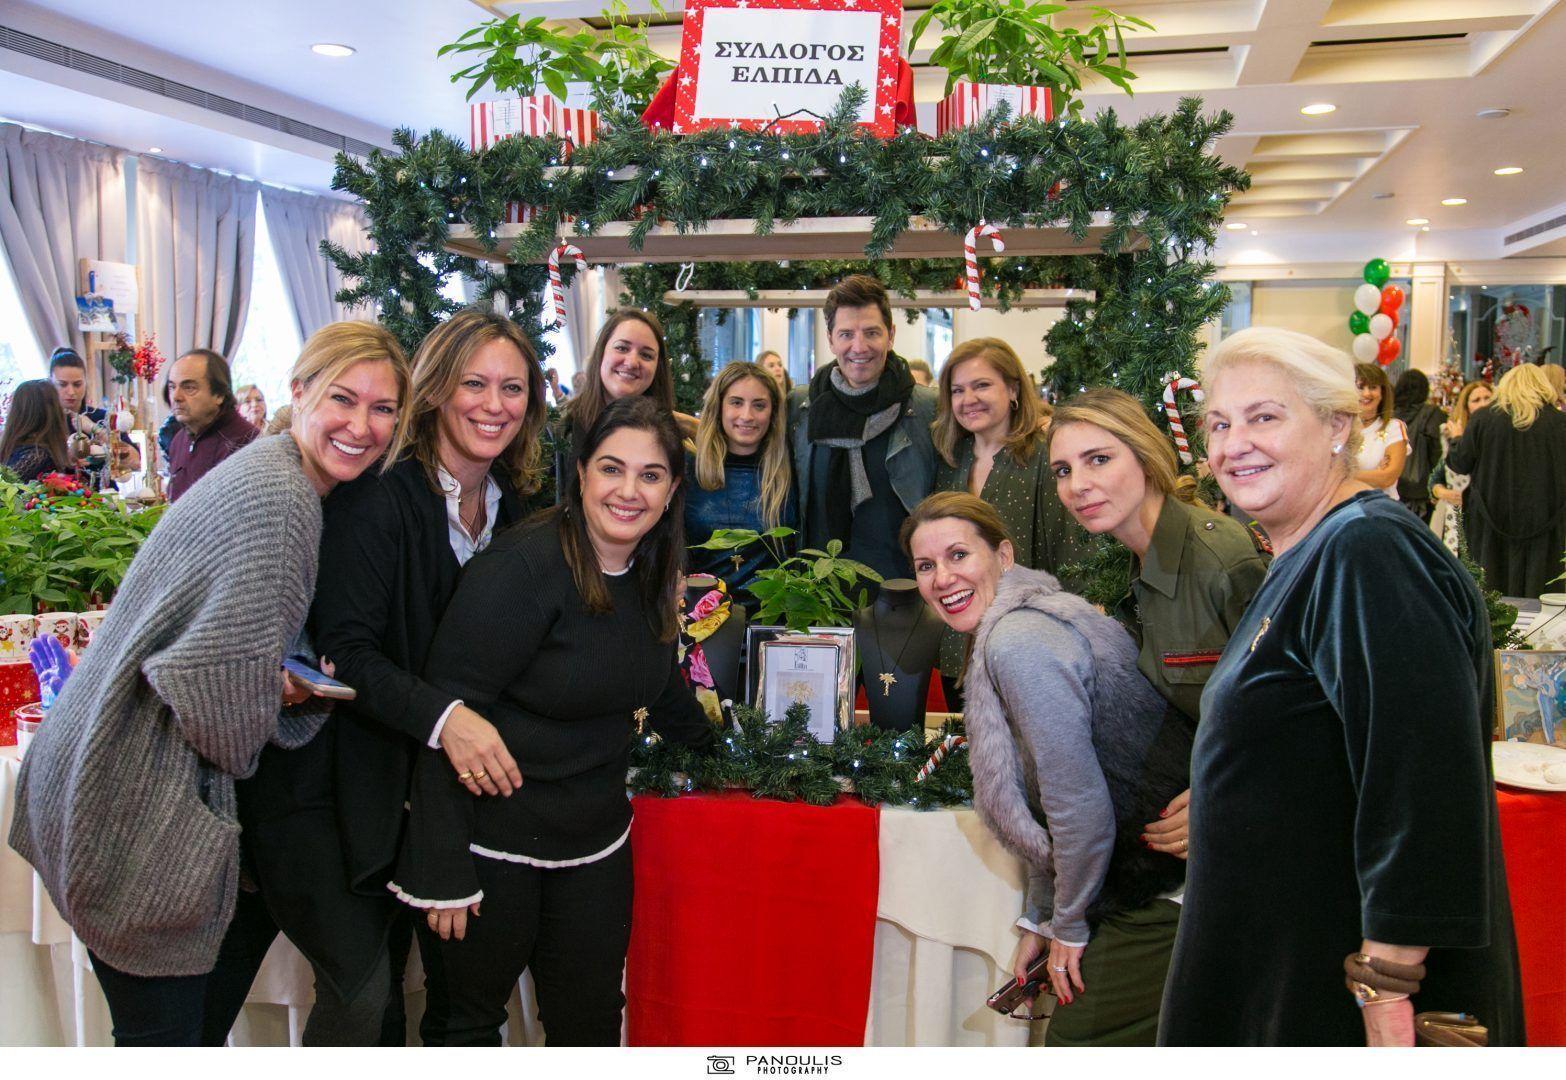 Σύλλογος ΕΛΠΙΔΑ  Mεγάλη επιτυχία το Χριστουγεννιάτικο Bazaar - mononews 92036582531